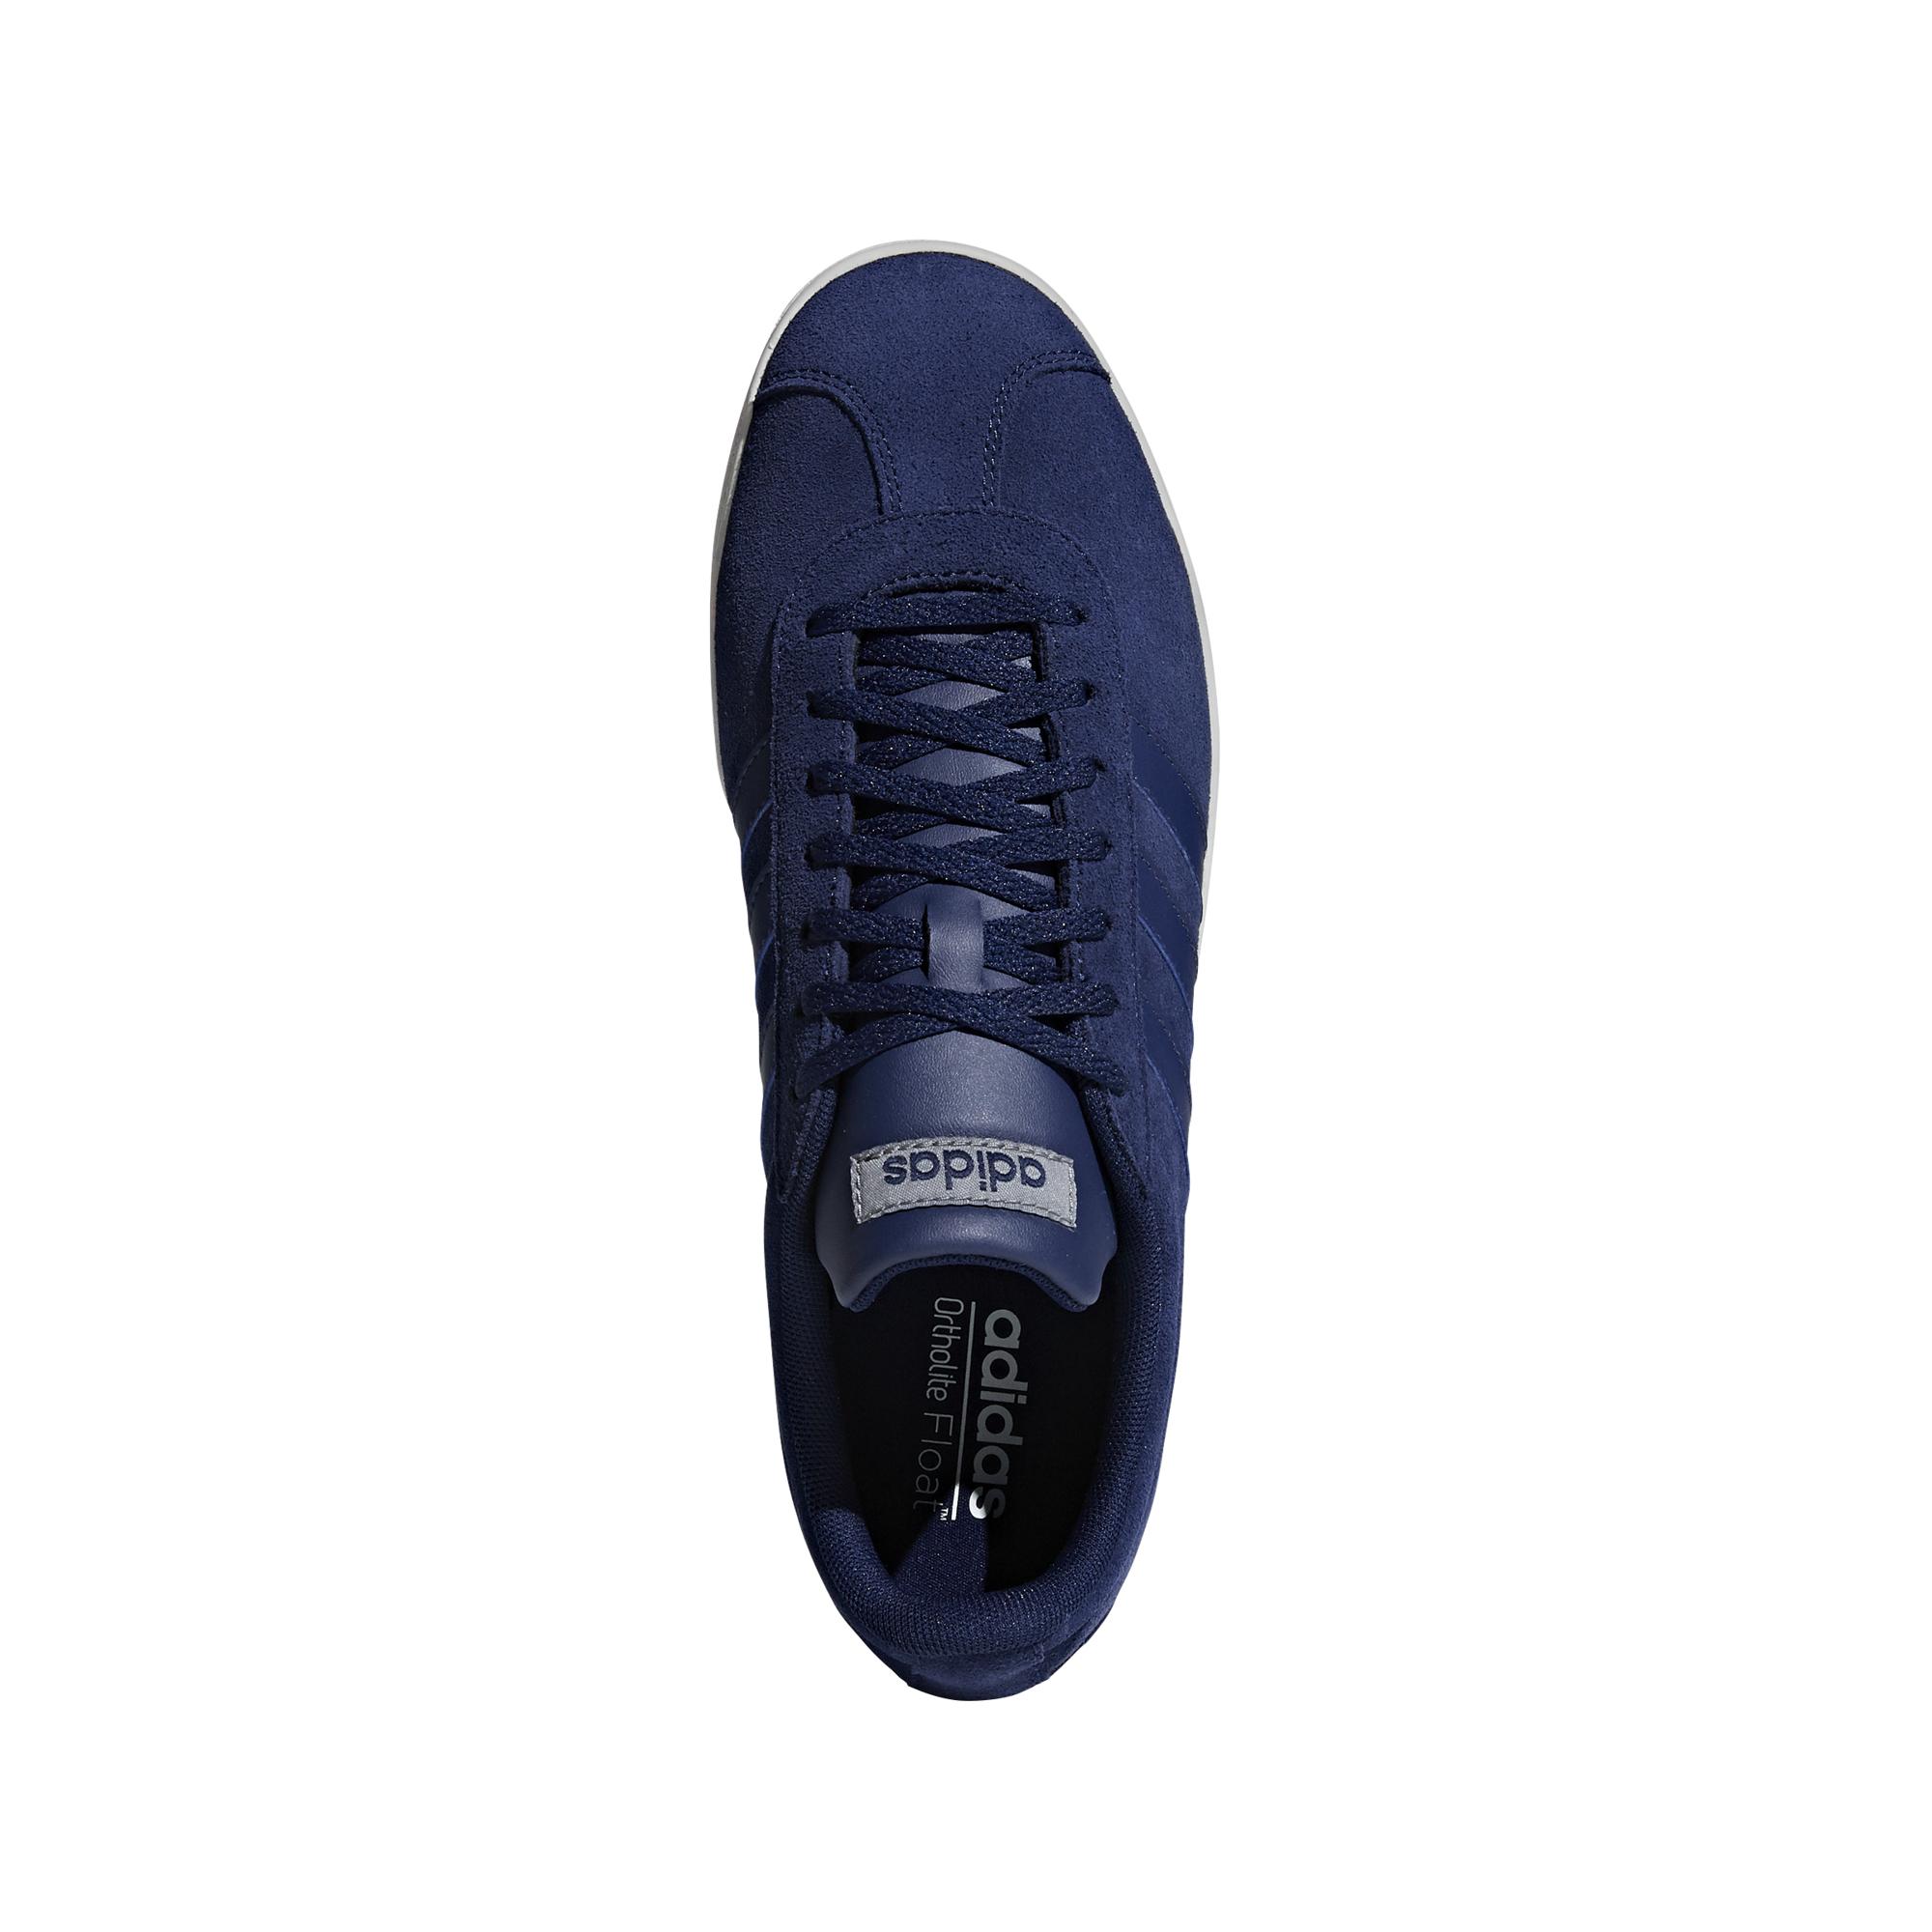 adidas Sneaker in Übergröße VL Court 2.0 blau